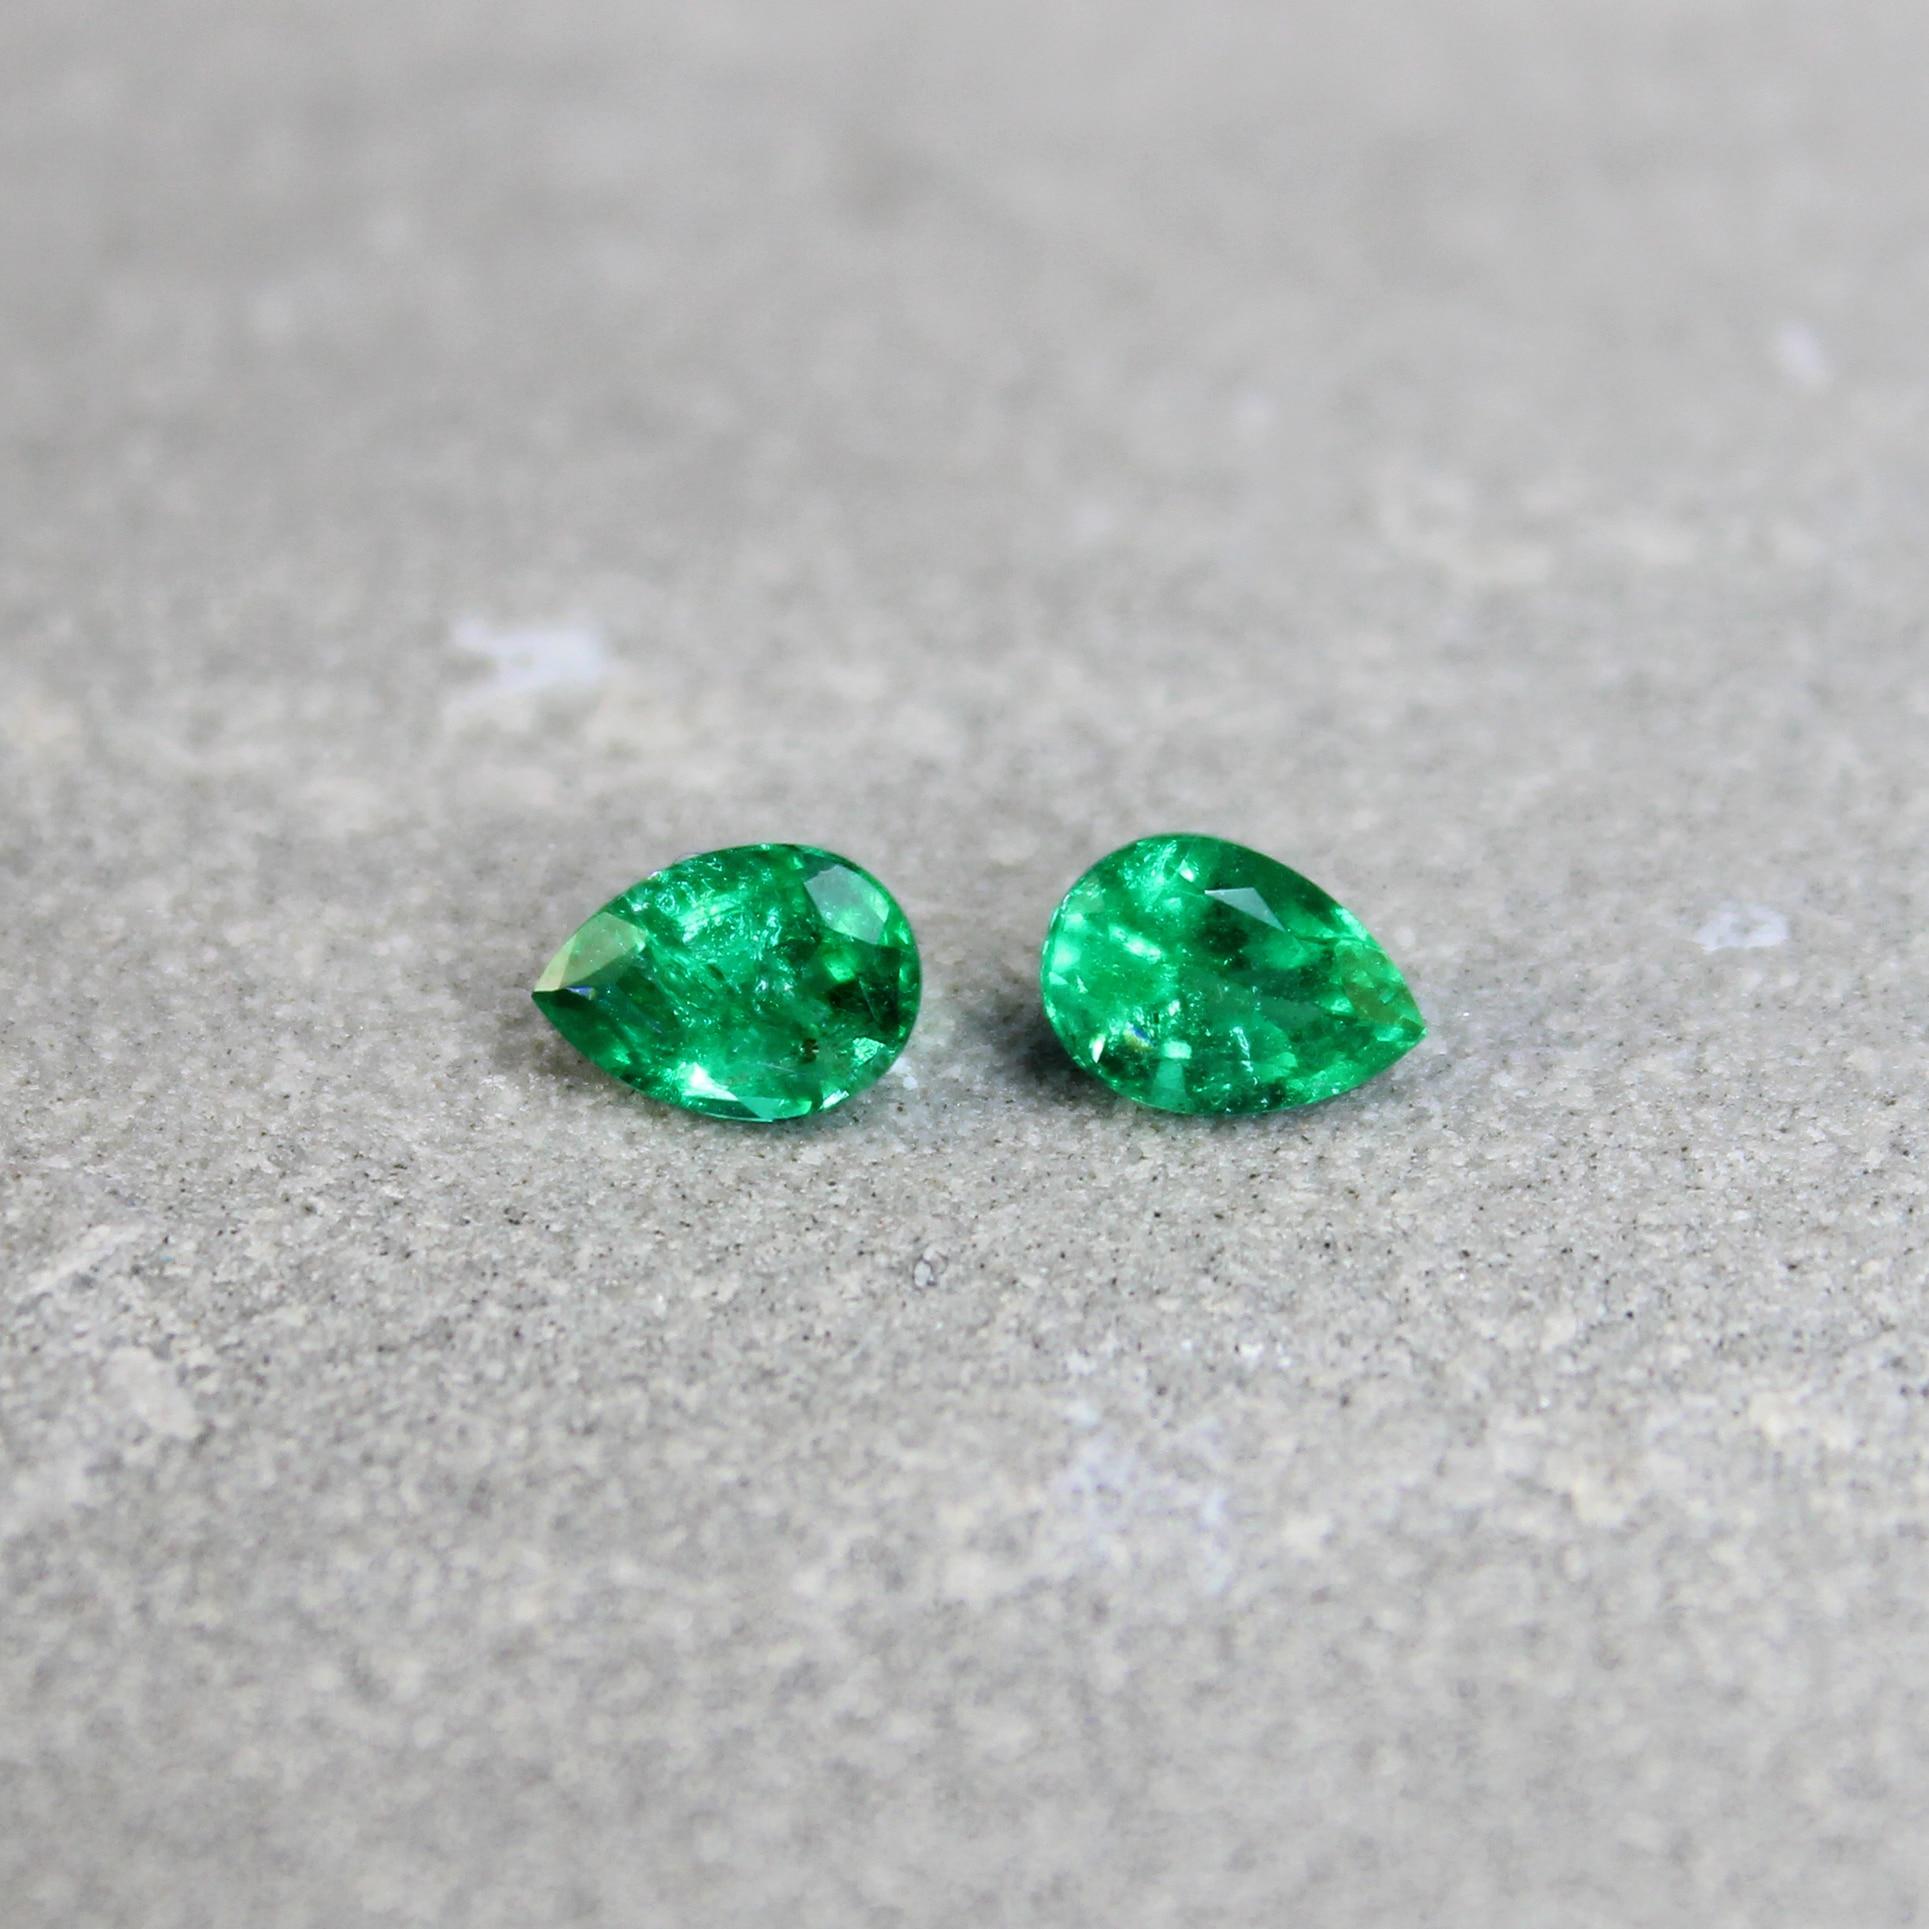 0.95 ct pear shape emerald pair